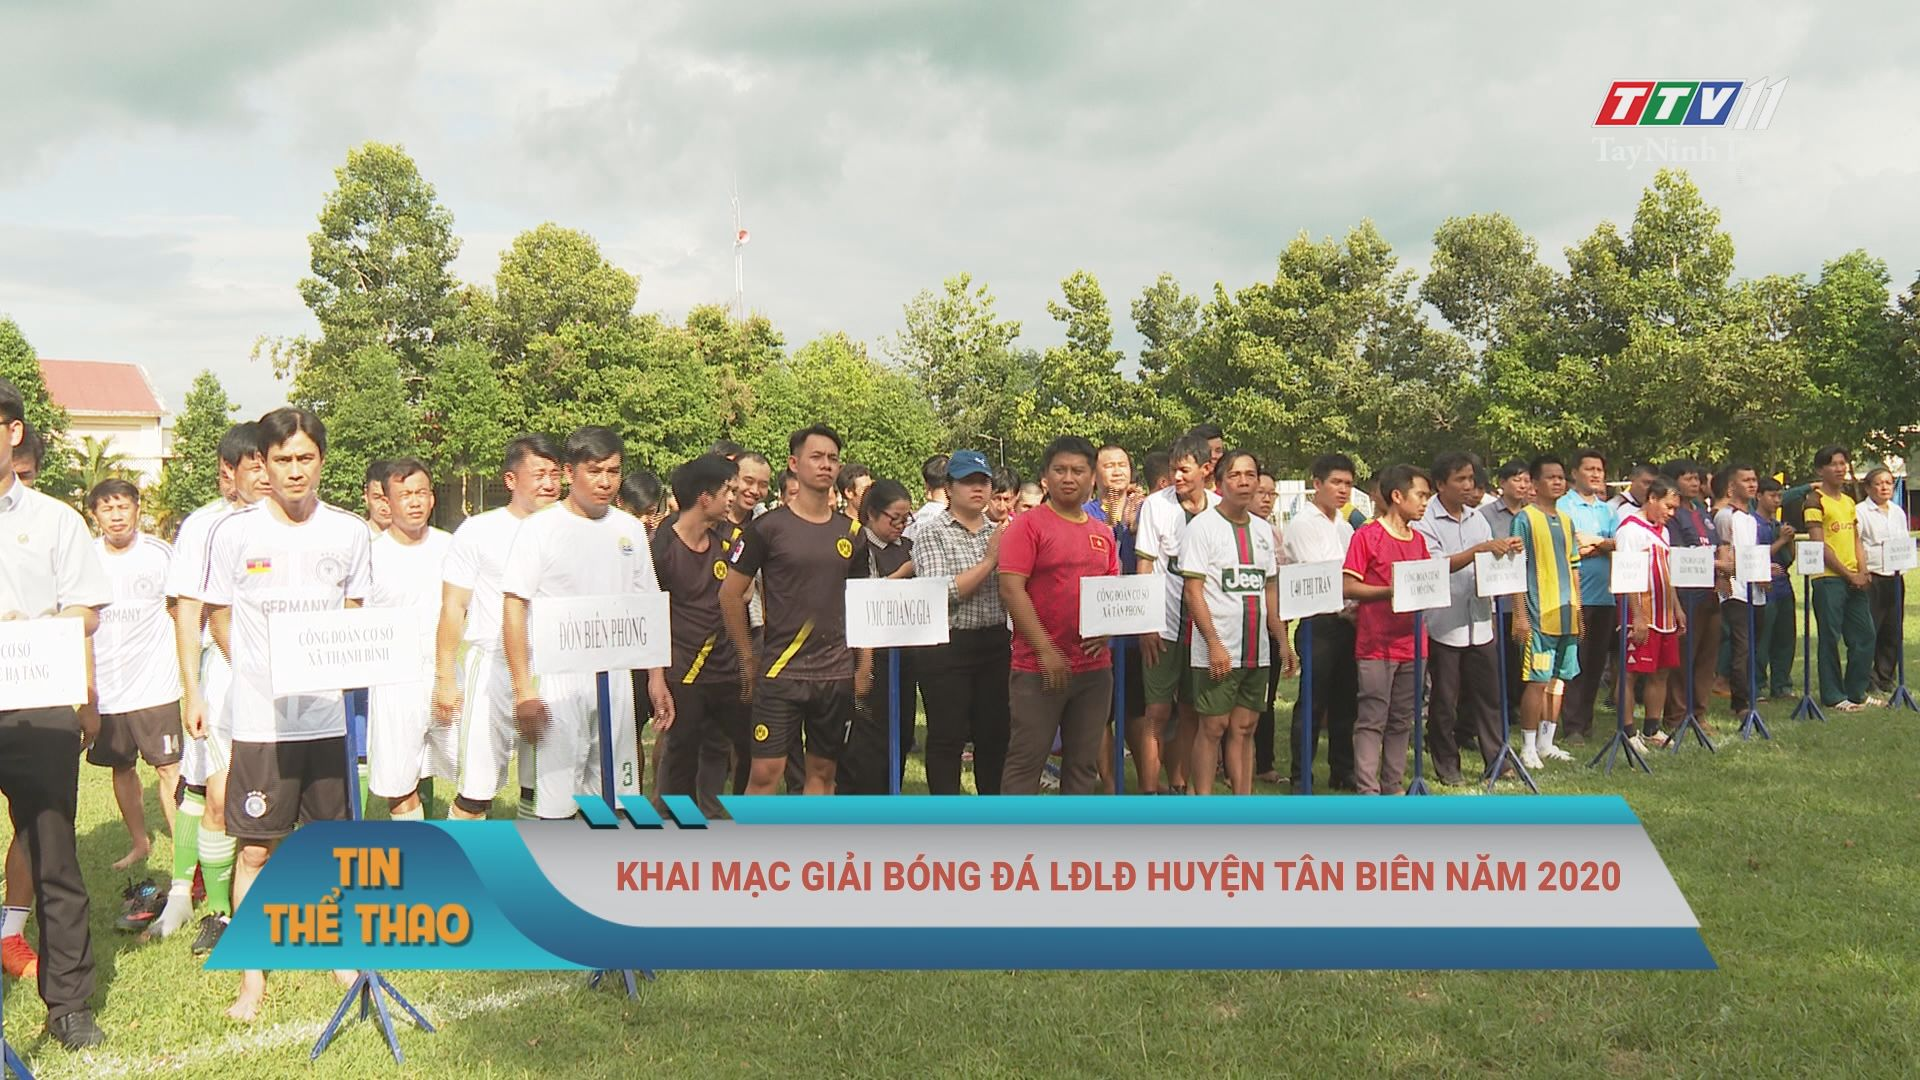 Khai mạc giải bóng đá LĐLĐ huyện tân biên năm 2020 | BẢN TIN THỂ THAO | TayNinhTV